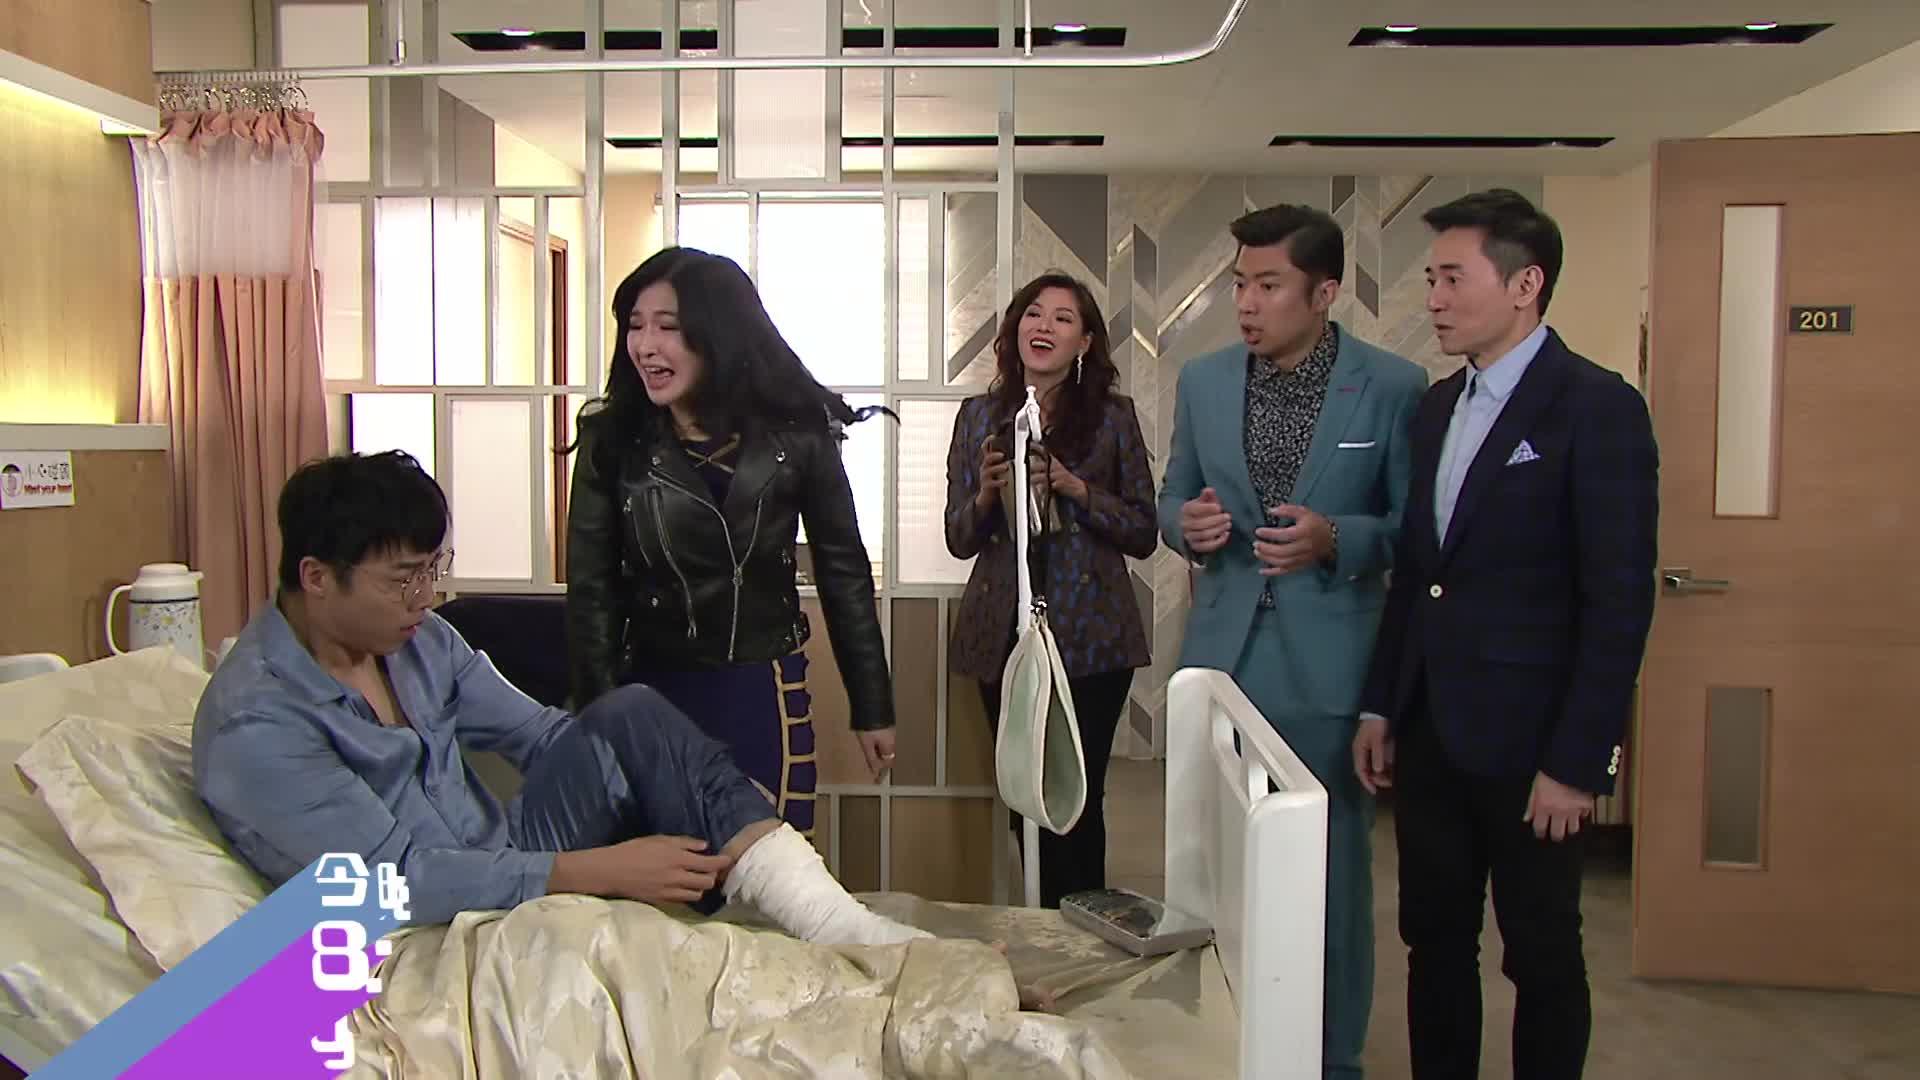 第800集-唔見老婆,比死更難受?